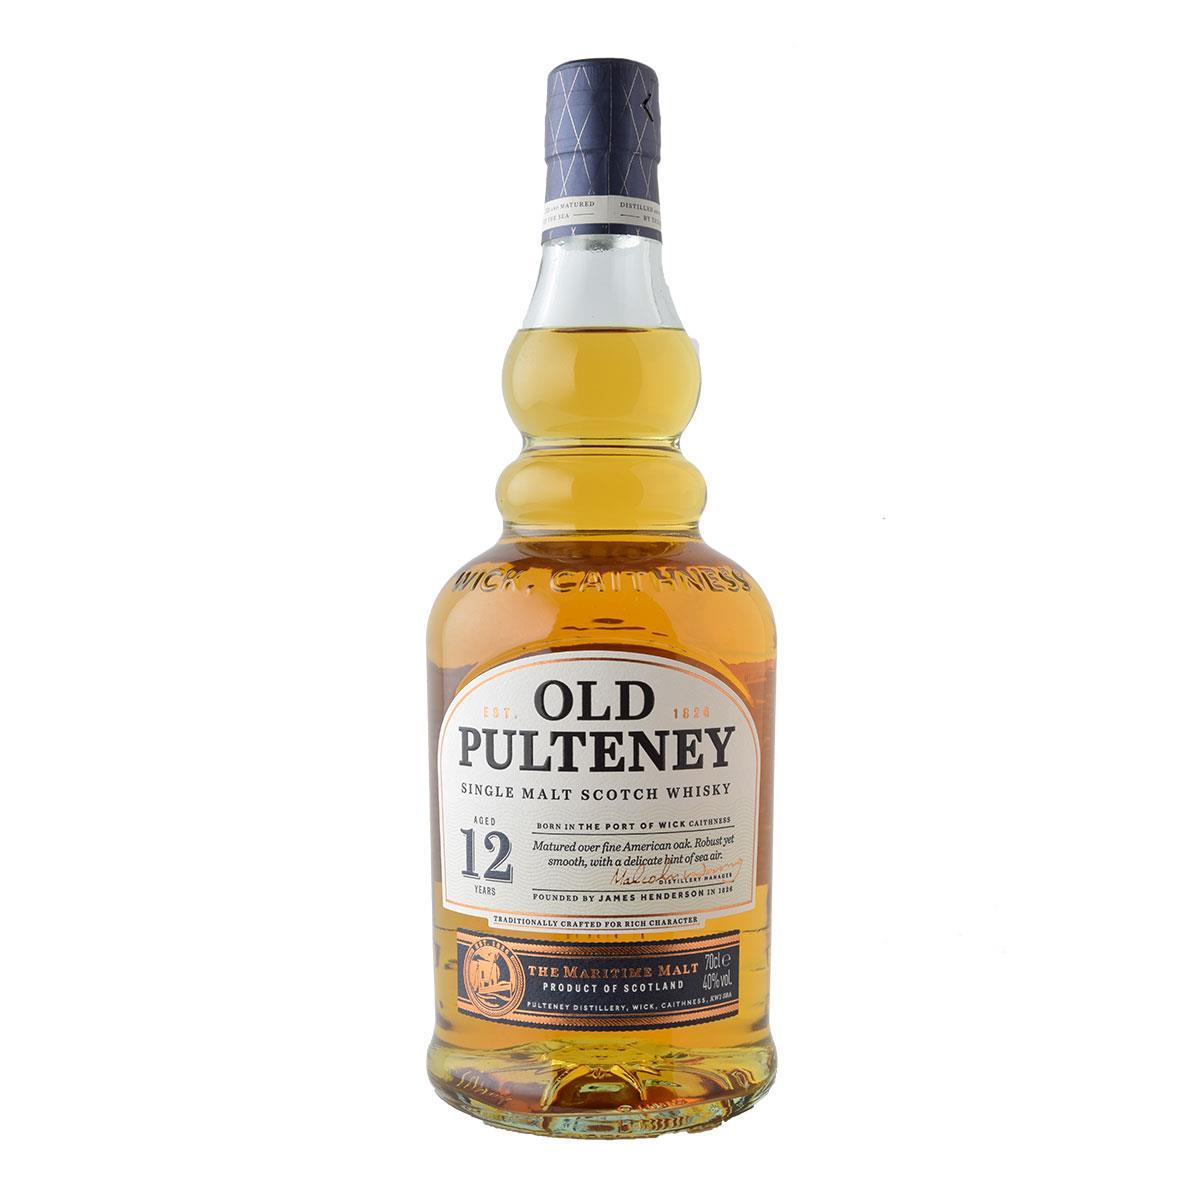 Old Pulteney 12 y.o. 700ml